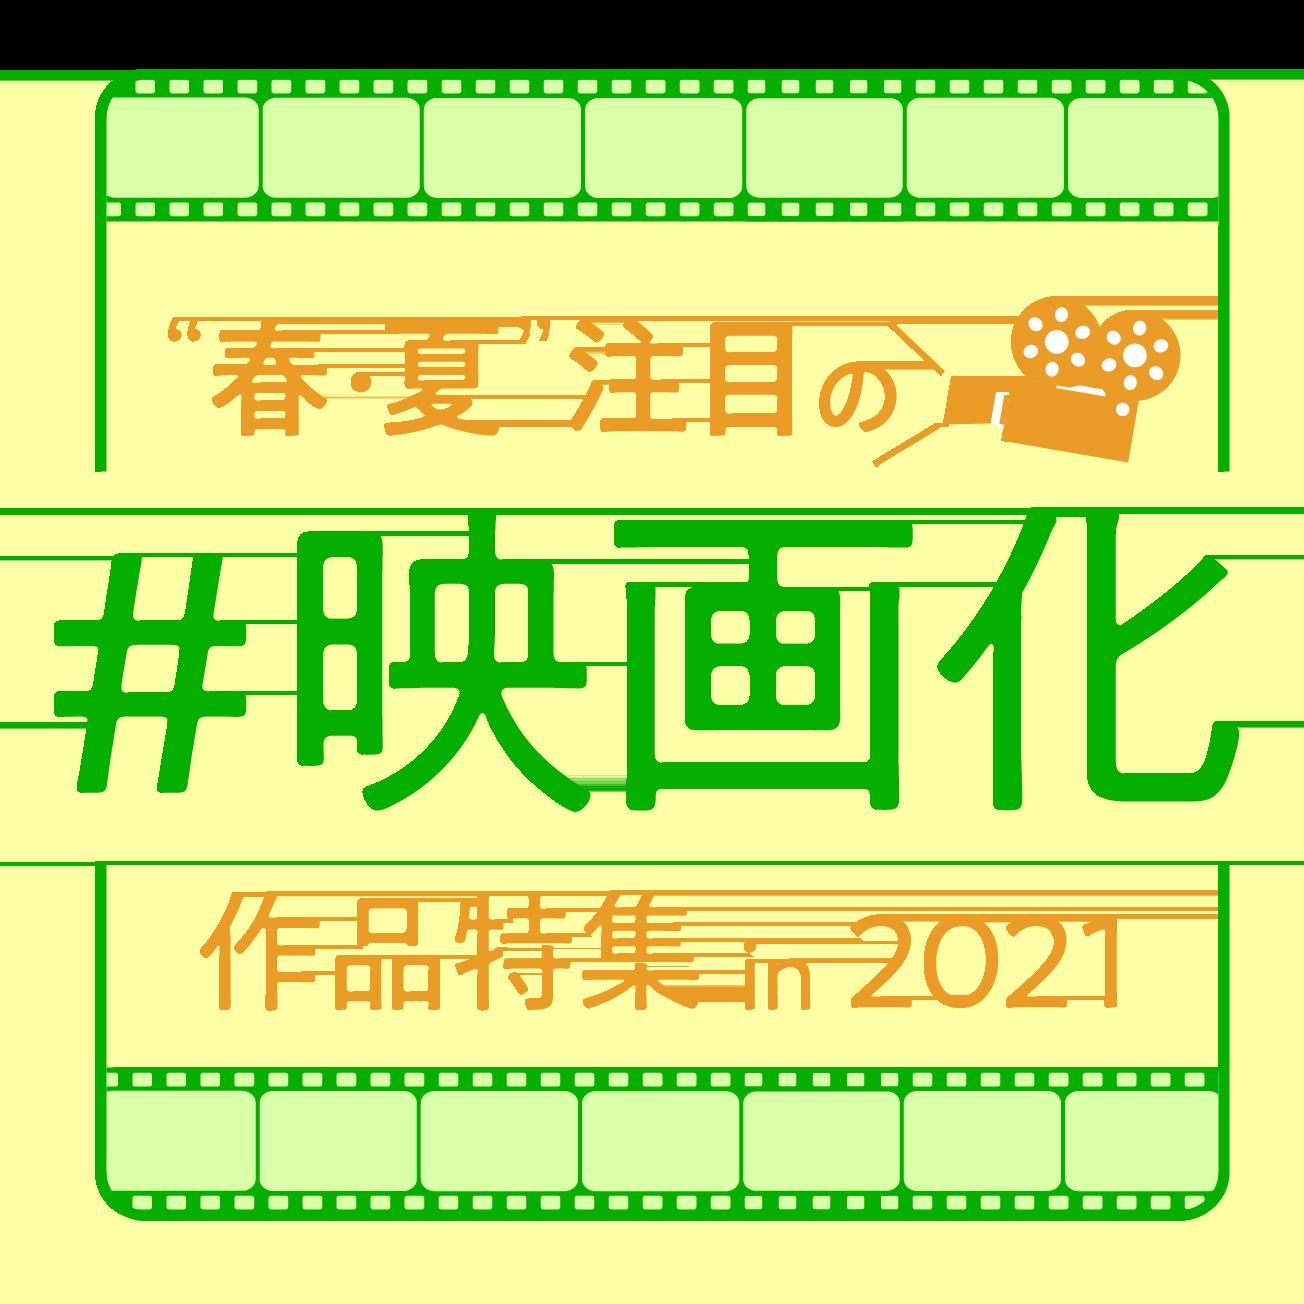 2021年春・夏 公開映画の原作小説・原作漫画特集!